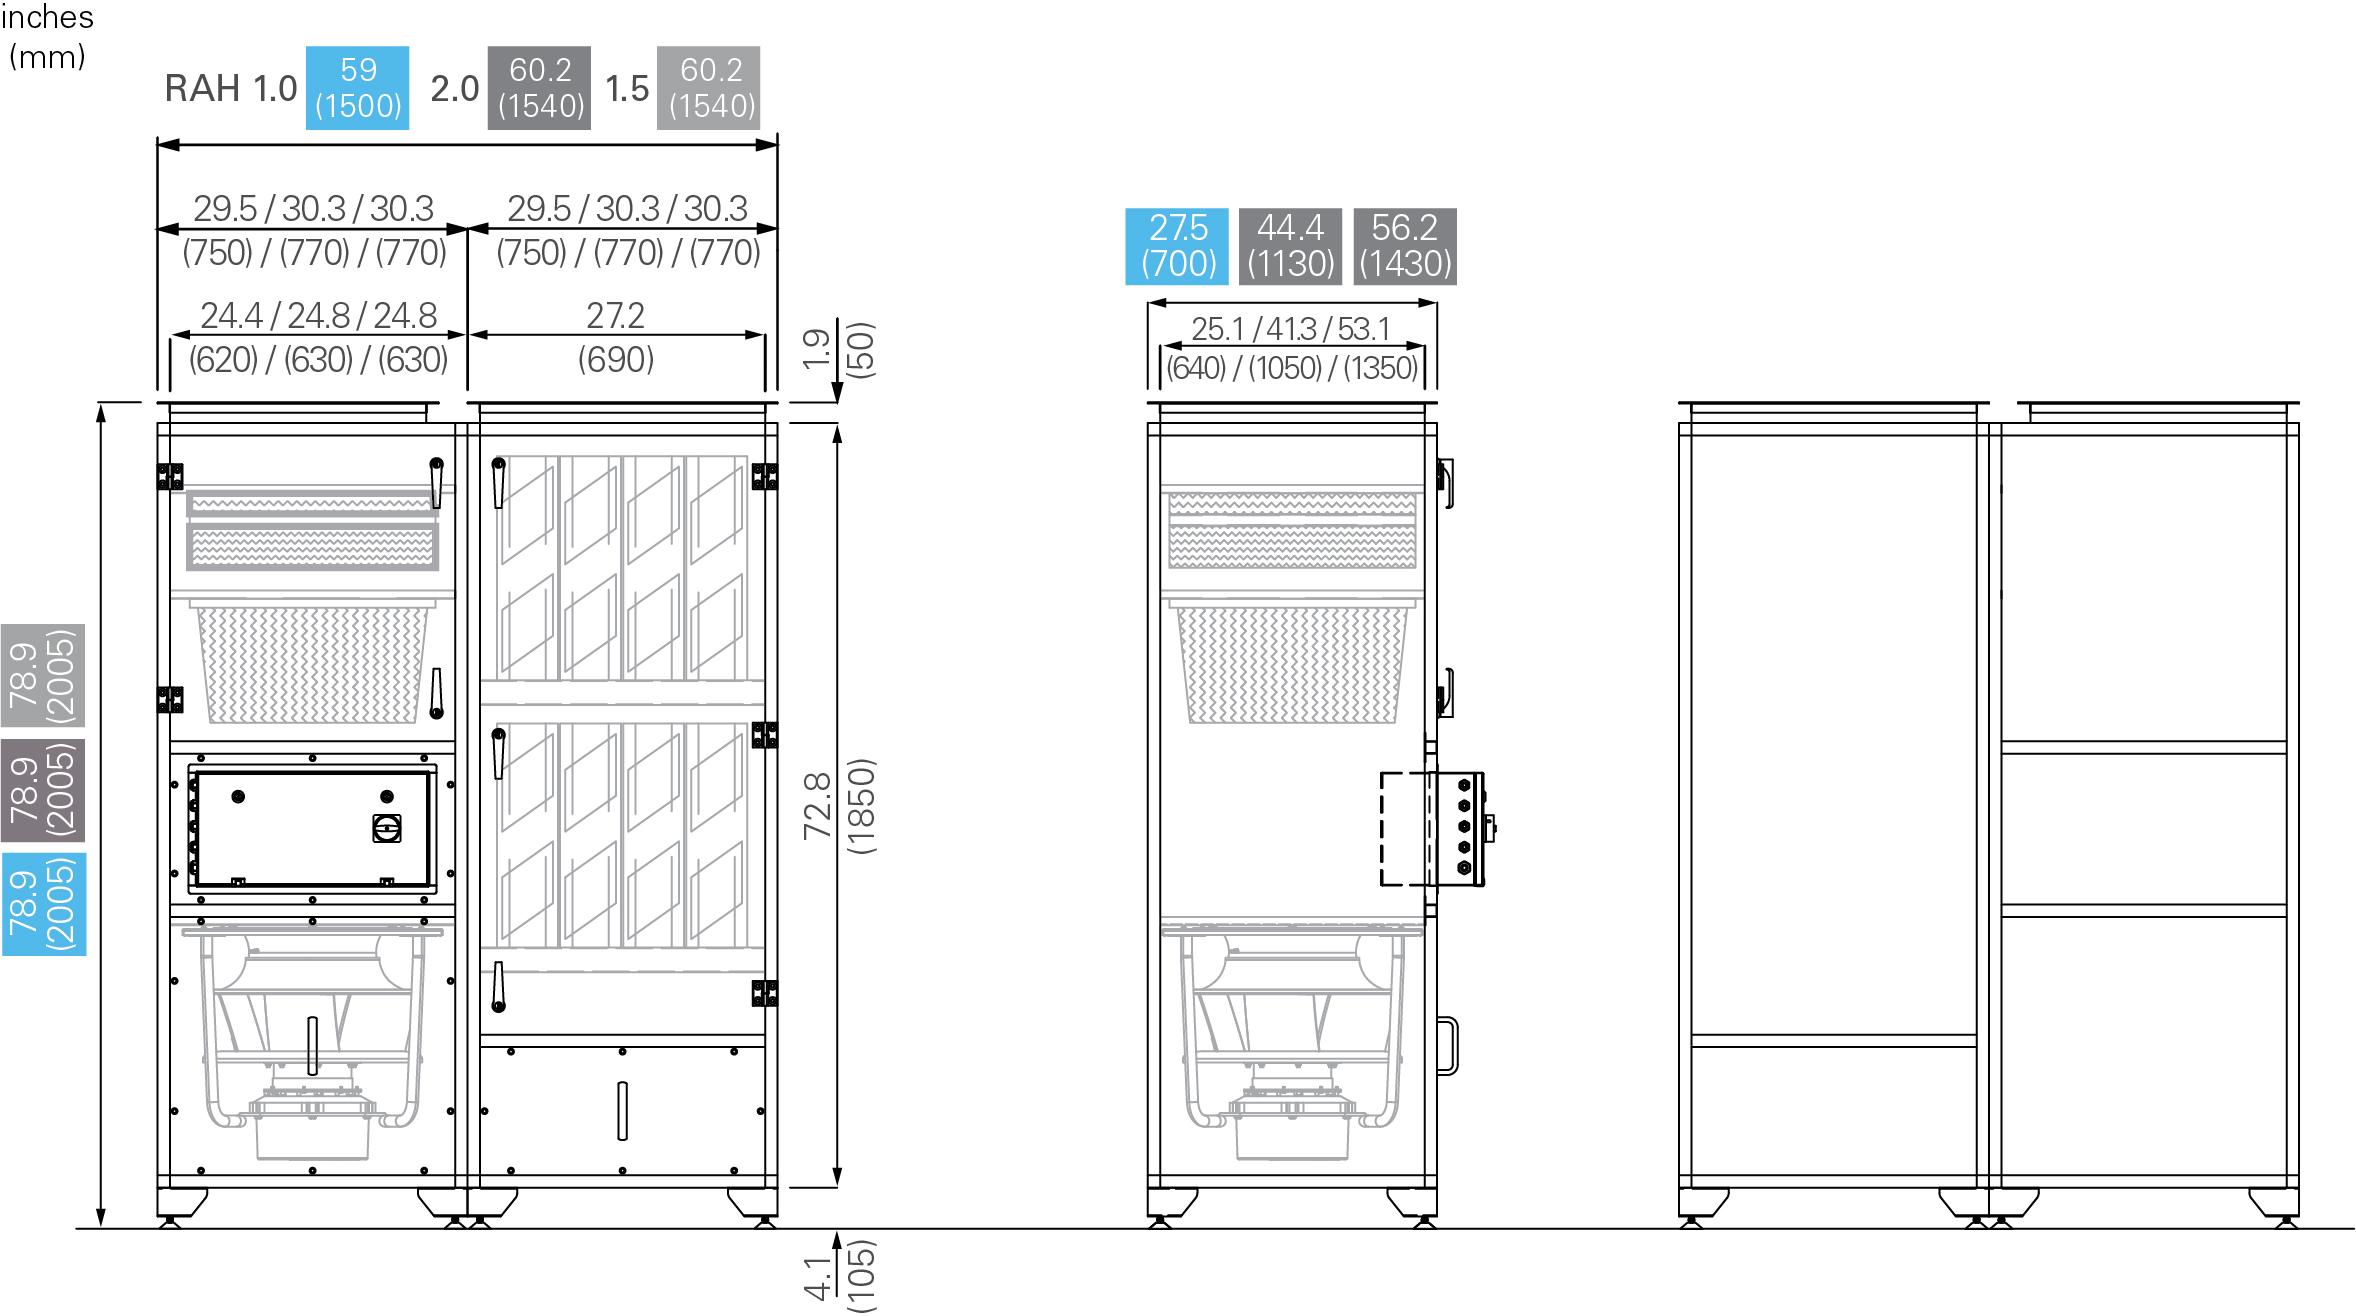 Dimensions for Halton RecoAir Recirculating Units